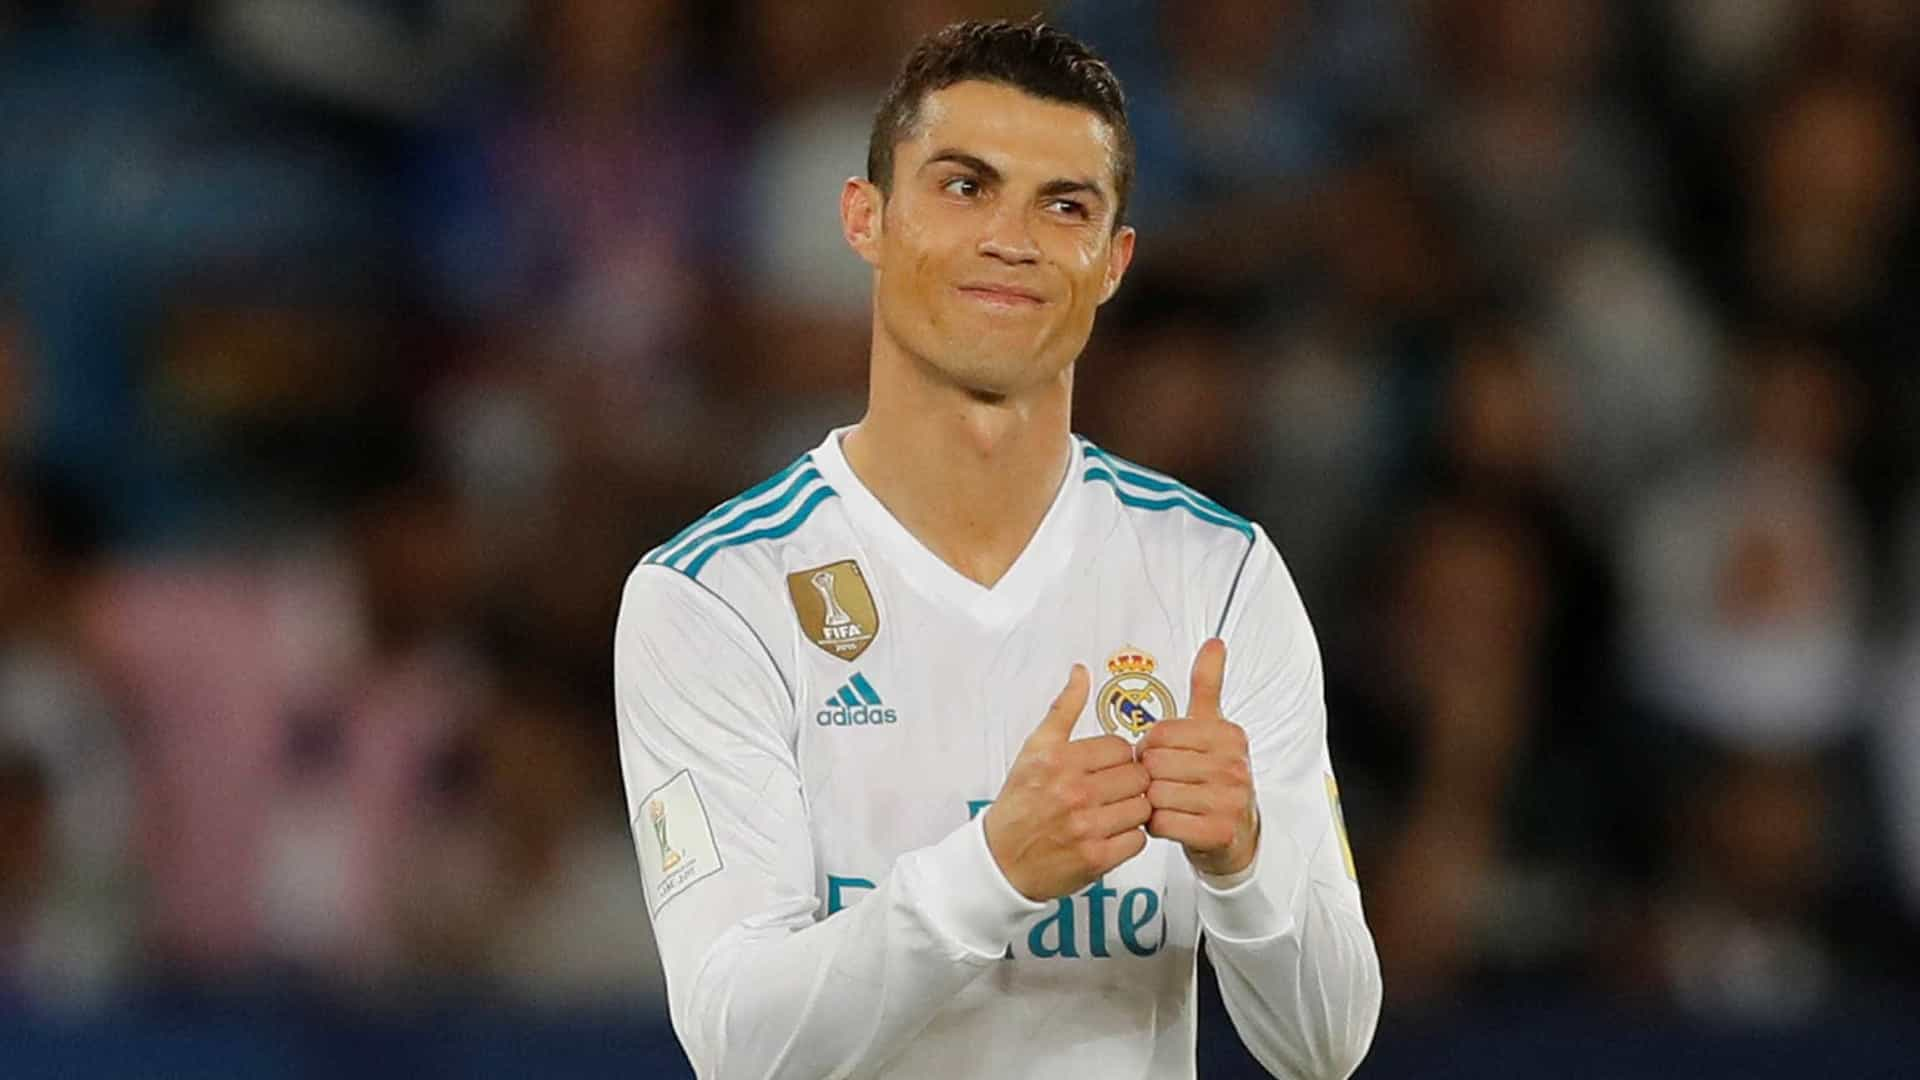 Foto de Cristiano Ronaldo vira a mais curtida do Instagram